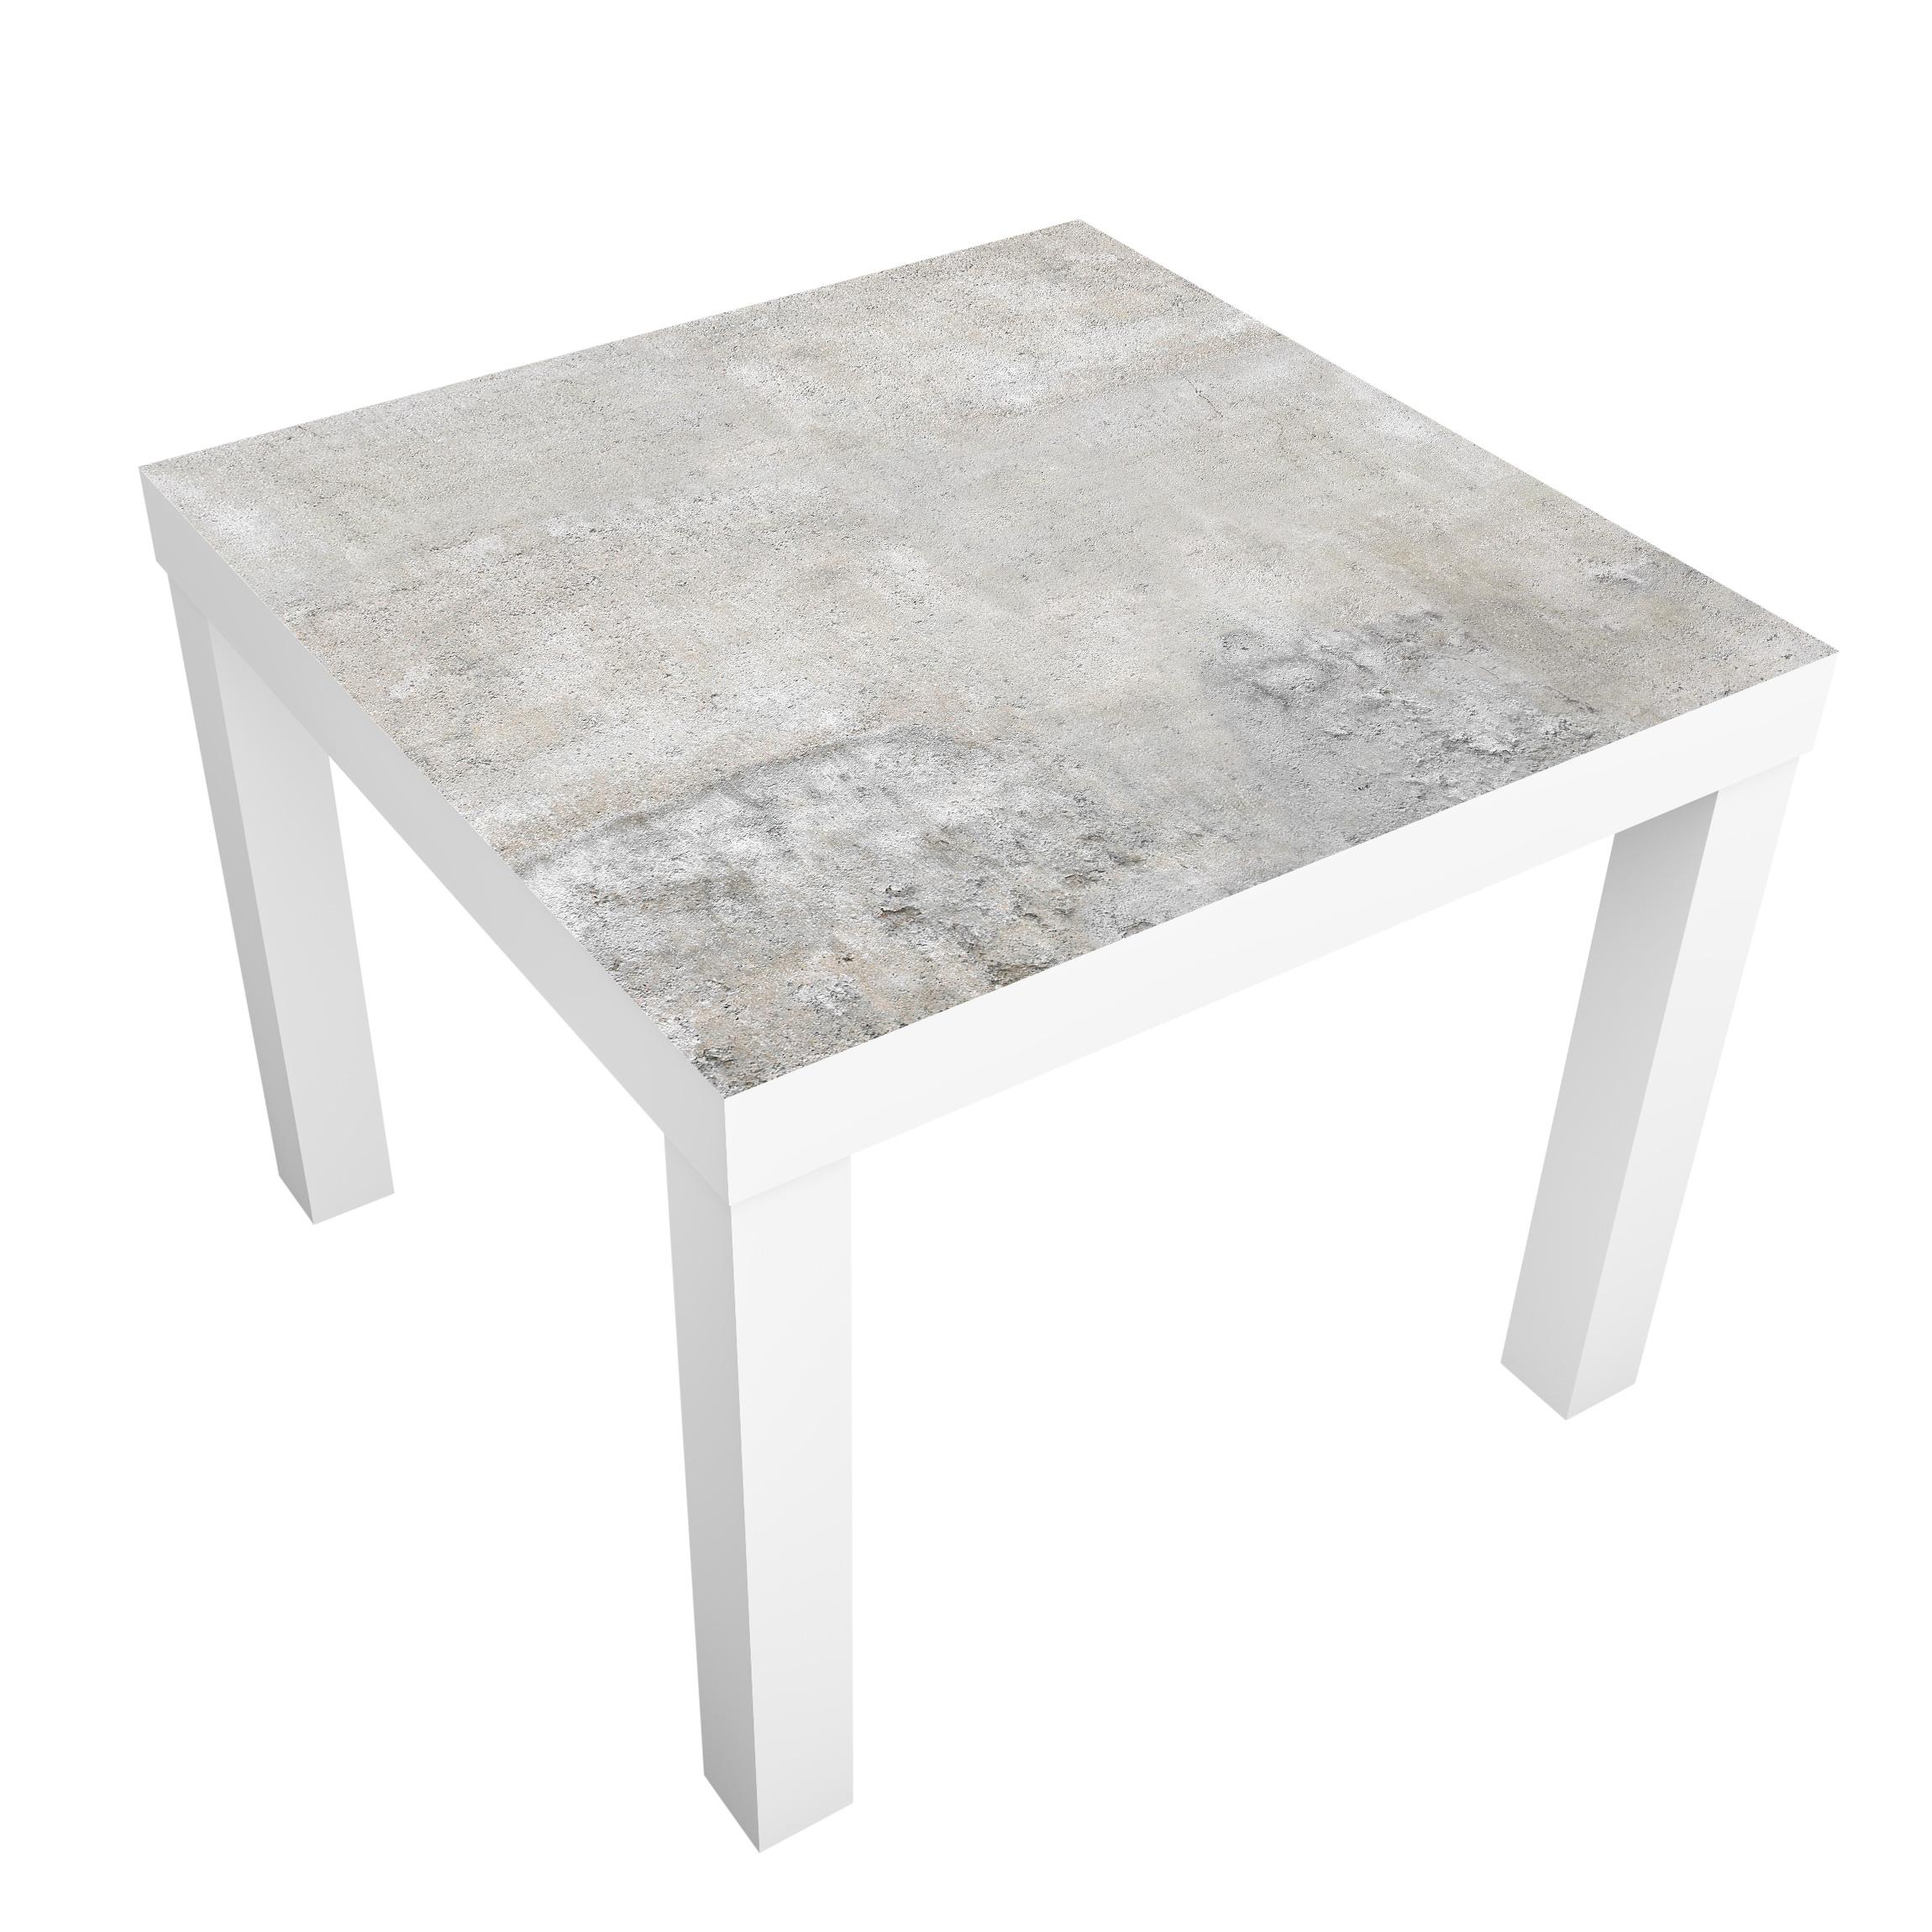 beistelltisch shabby betonoptik tisch grau. Black Bedroom Furniture Sets. Home Design Ideas